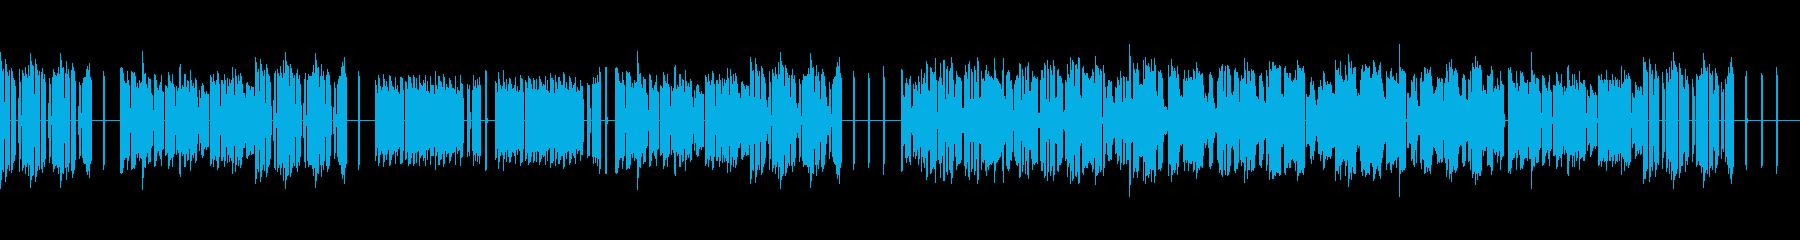 複雑に絡み合うフュージョン系のオルガンの再生済みの波形